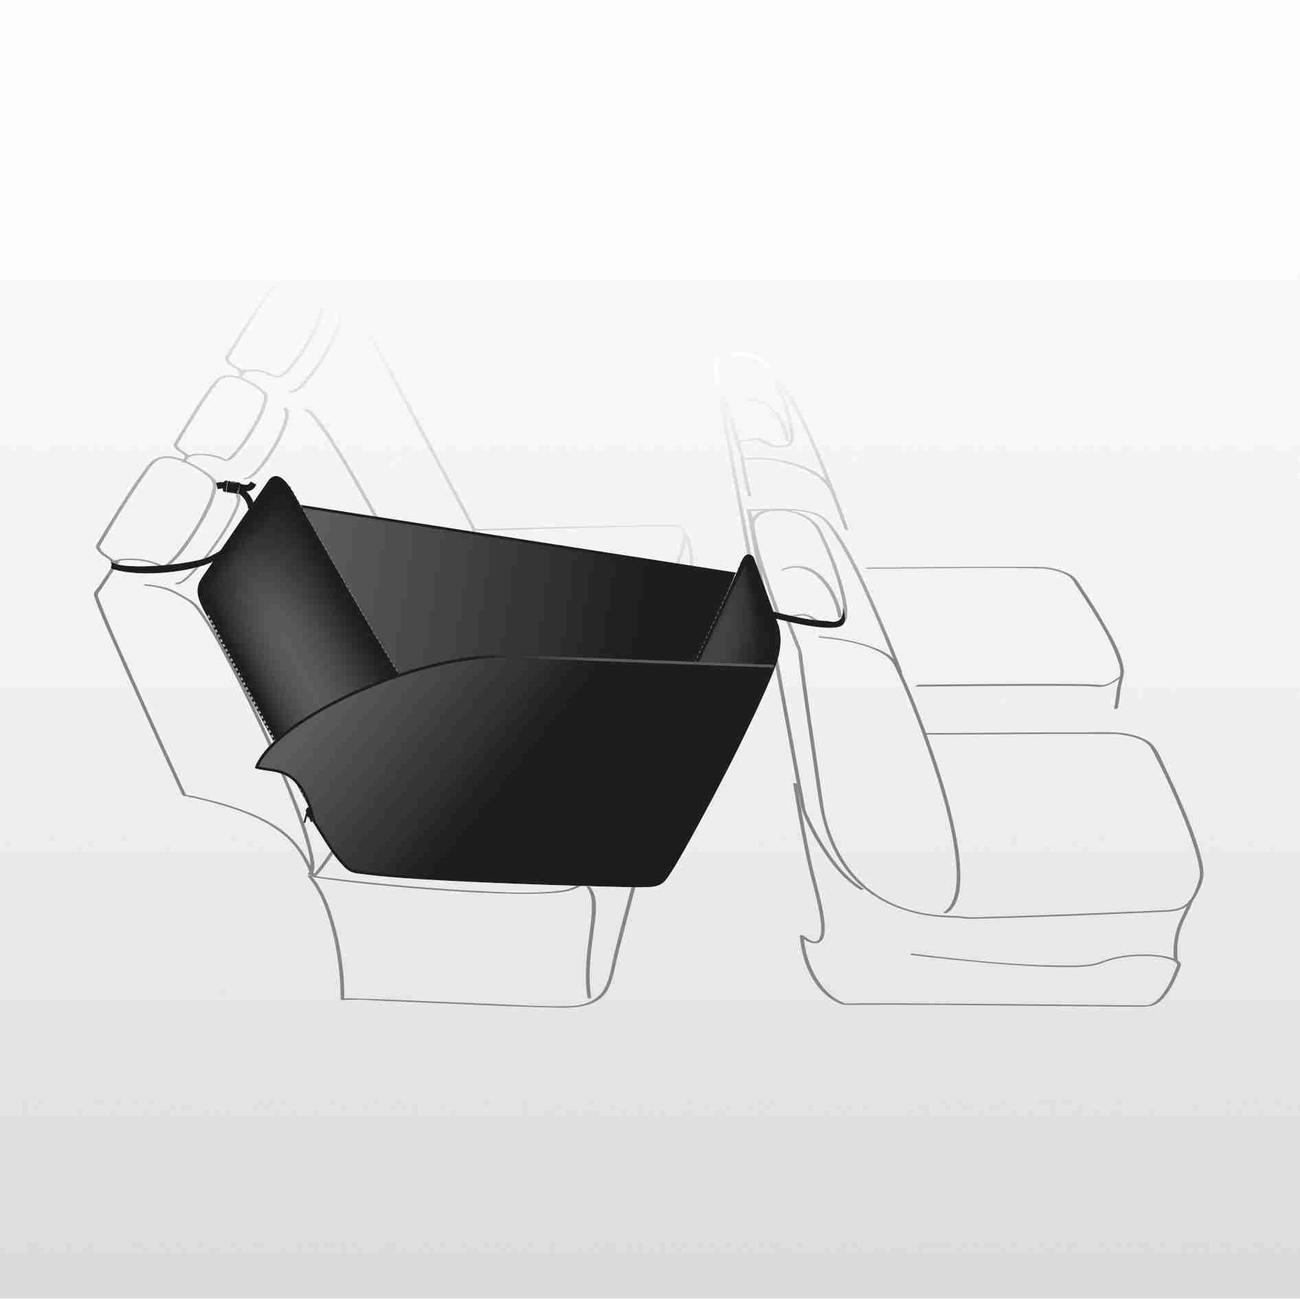 TRIXIE Auto-Schondecke für die Rückbank 1-Sitz 13231, Bild 2